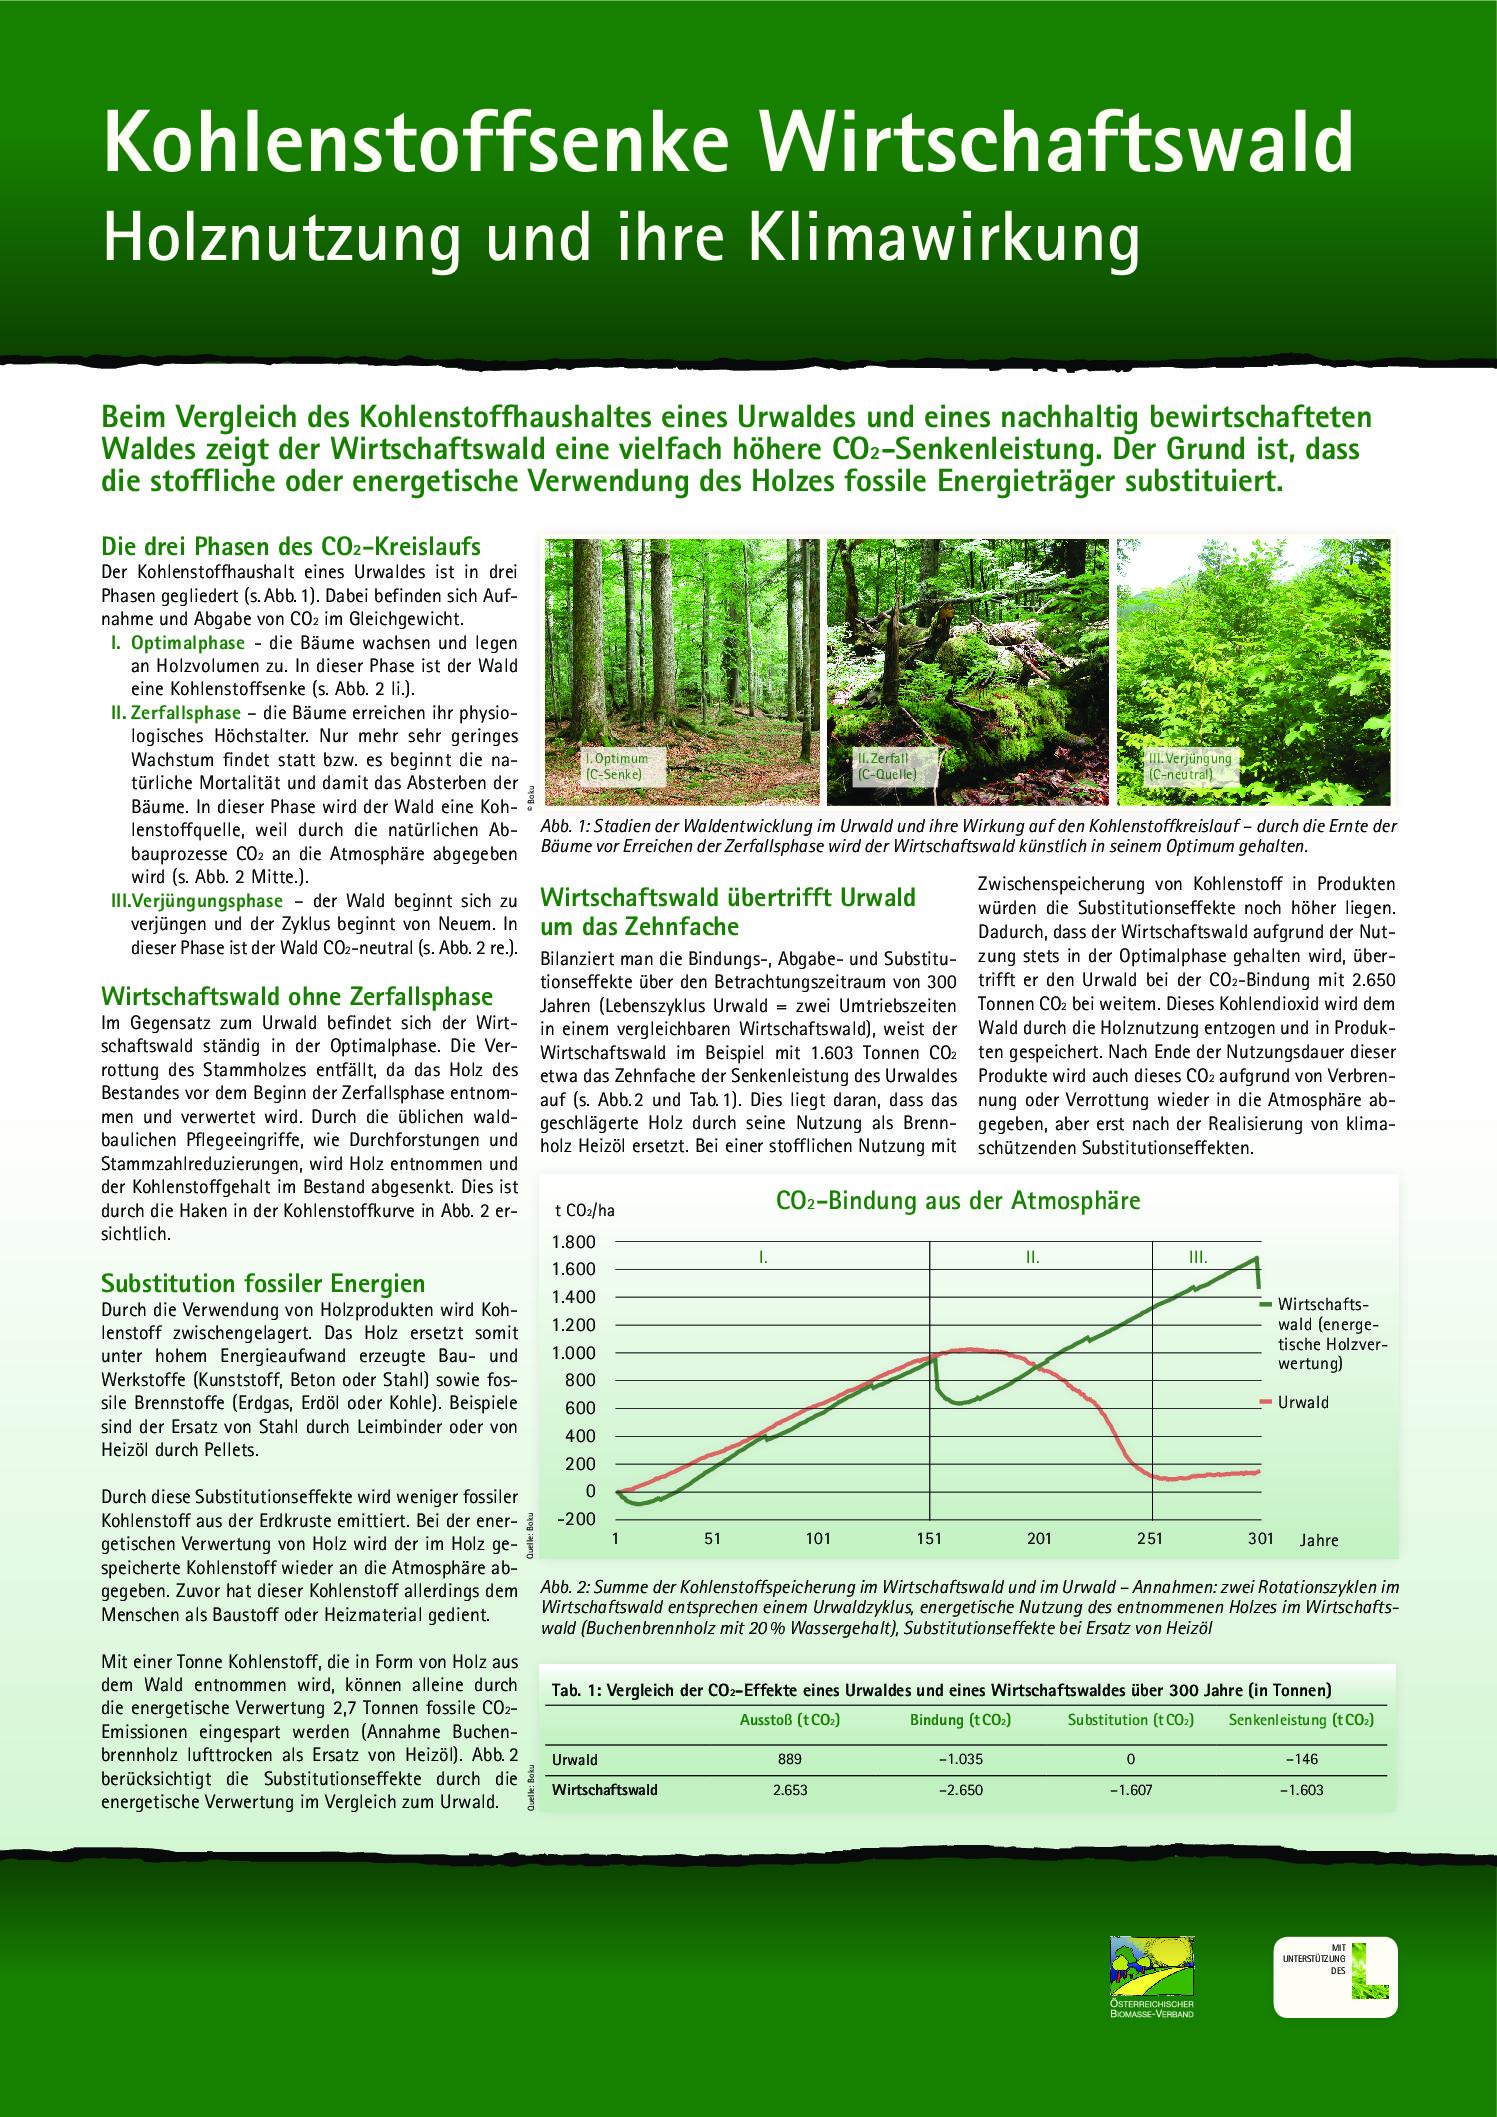 Kohlenstoffsenke Wirtschaftswald